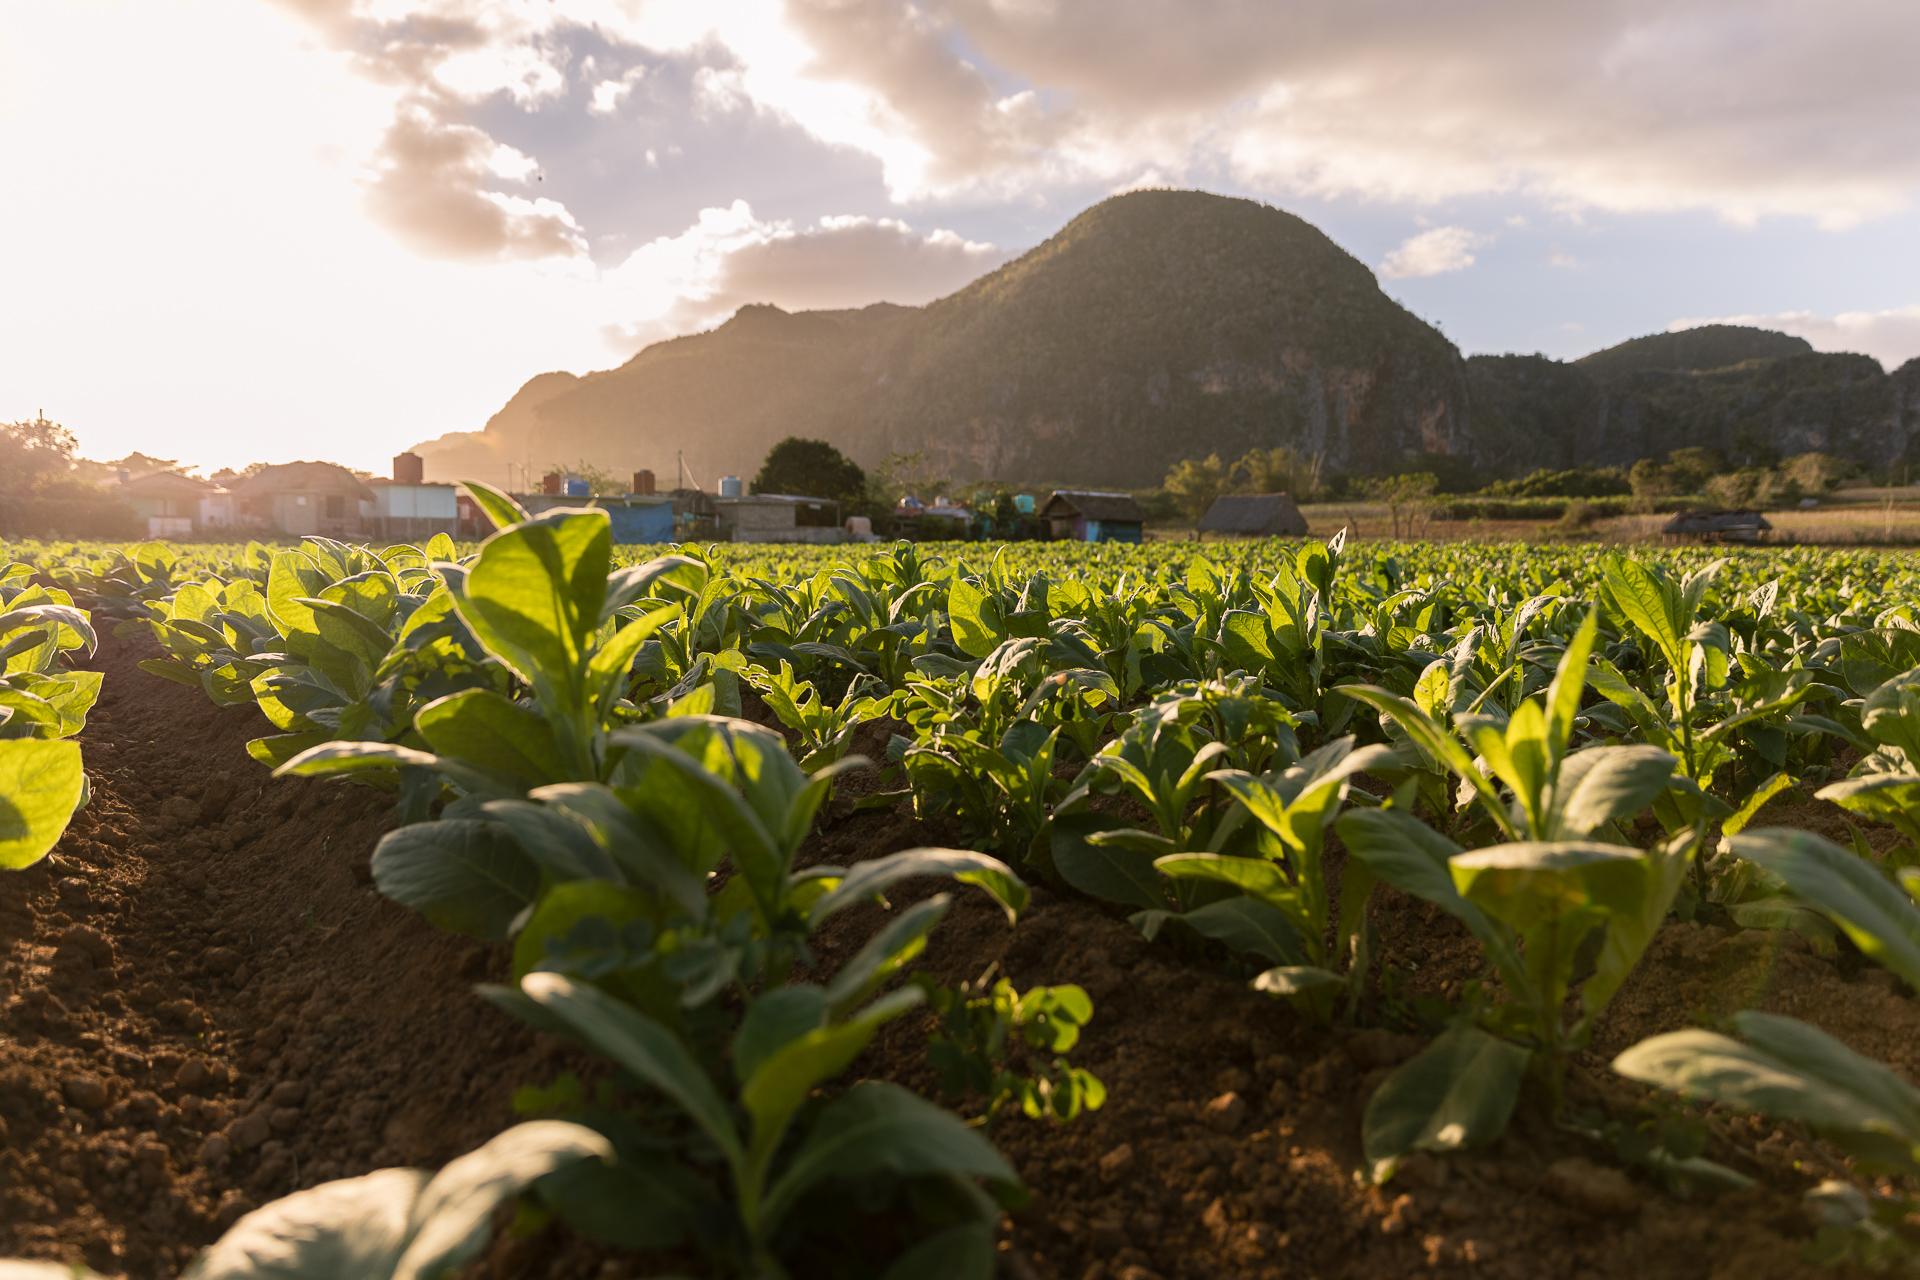 Tabakplantage im Vinales Valles in Kuba